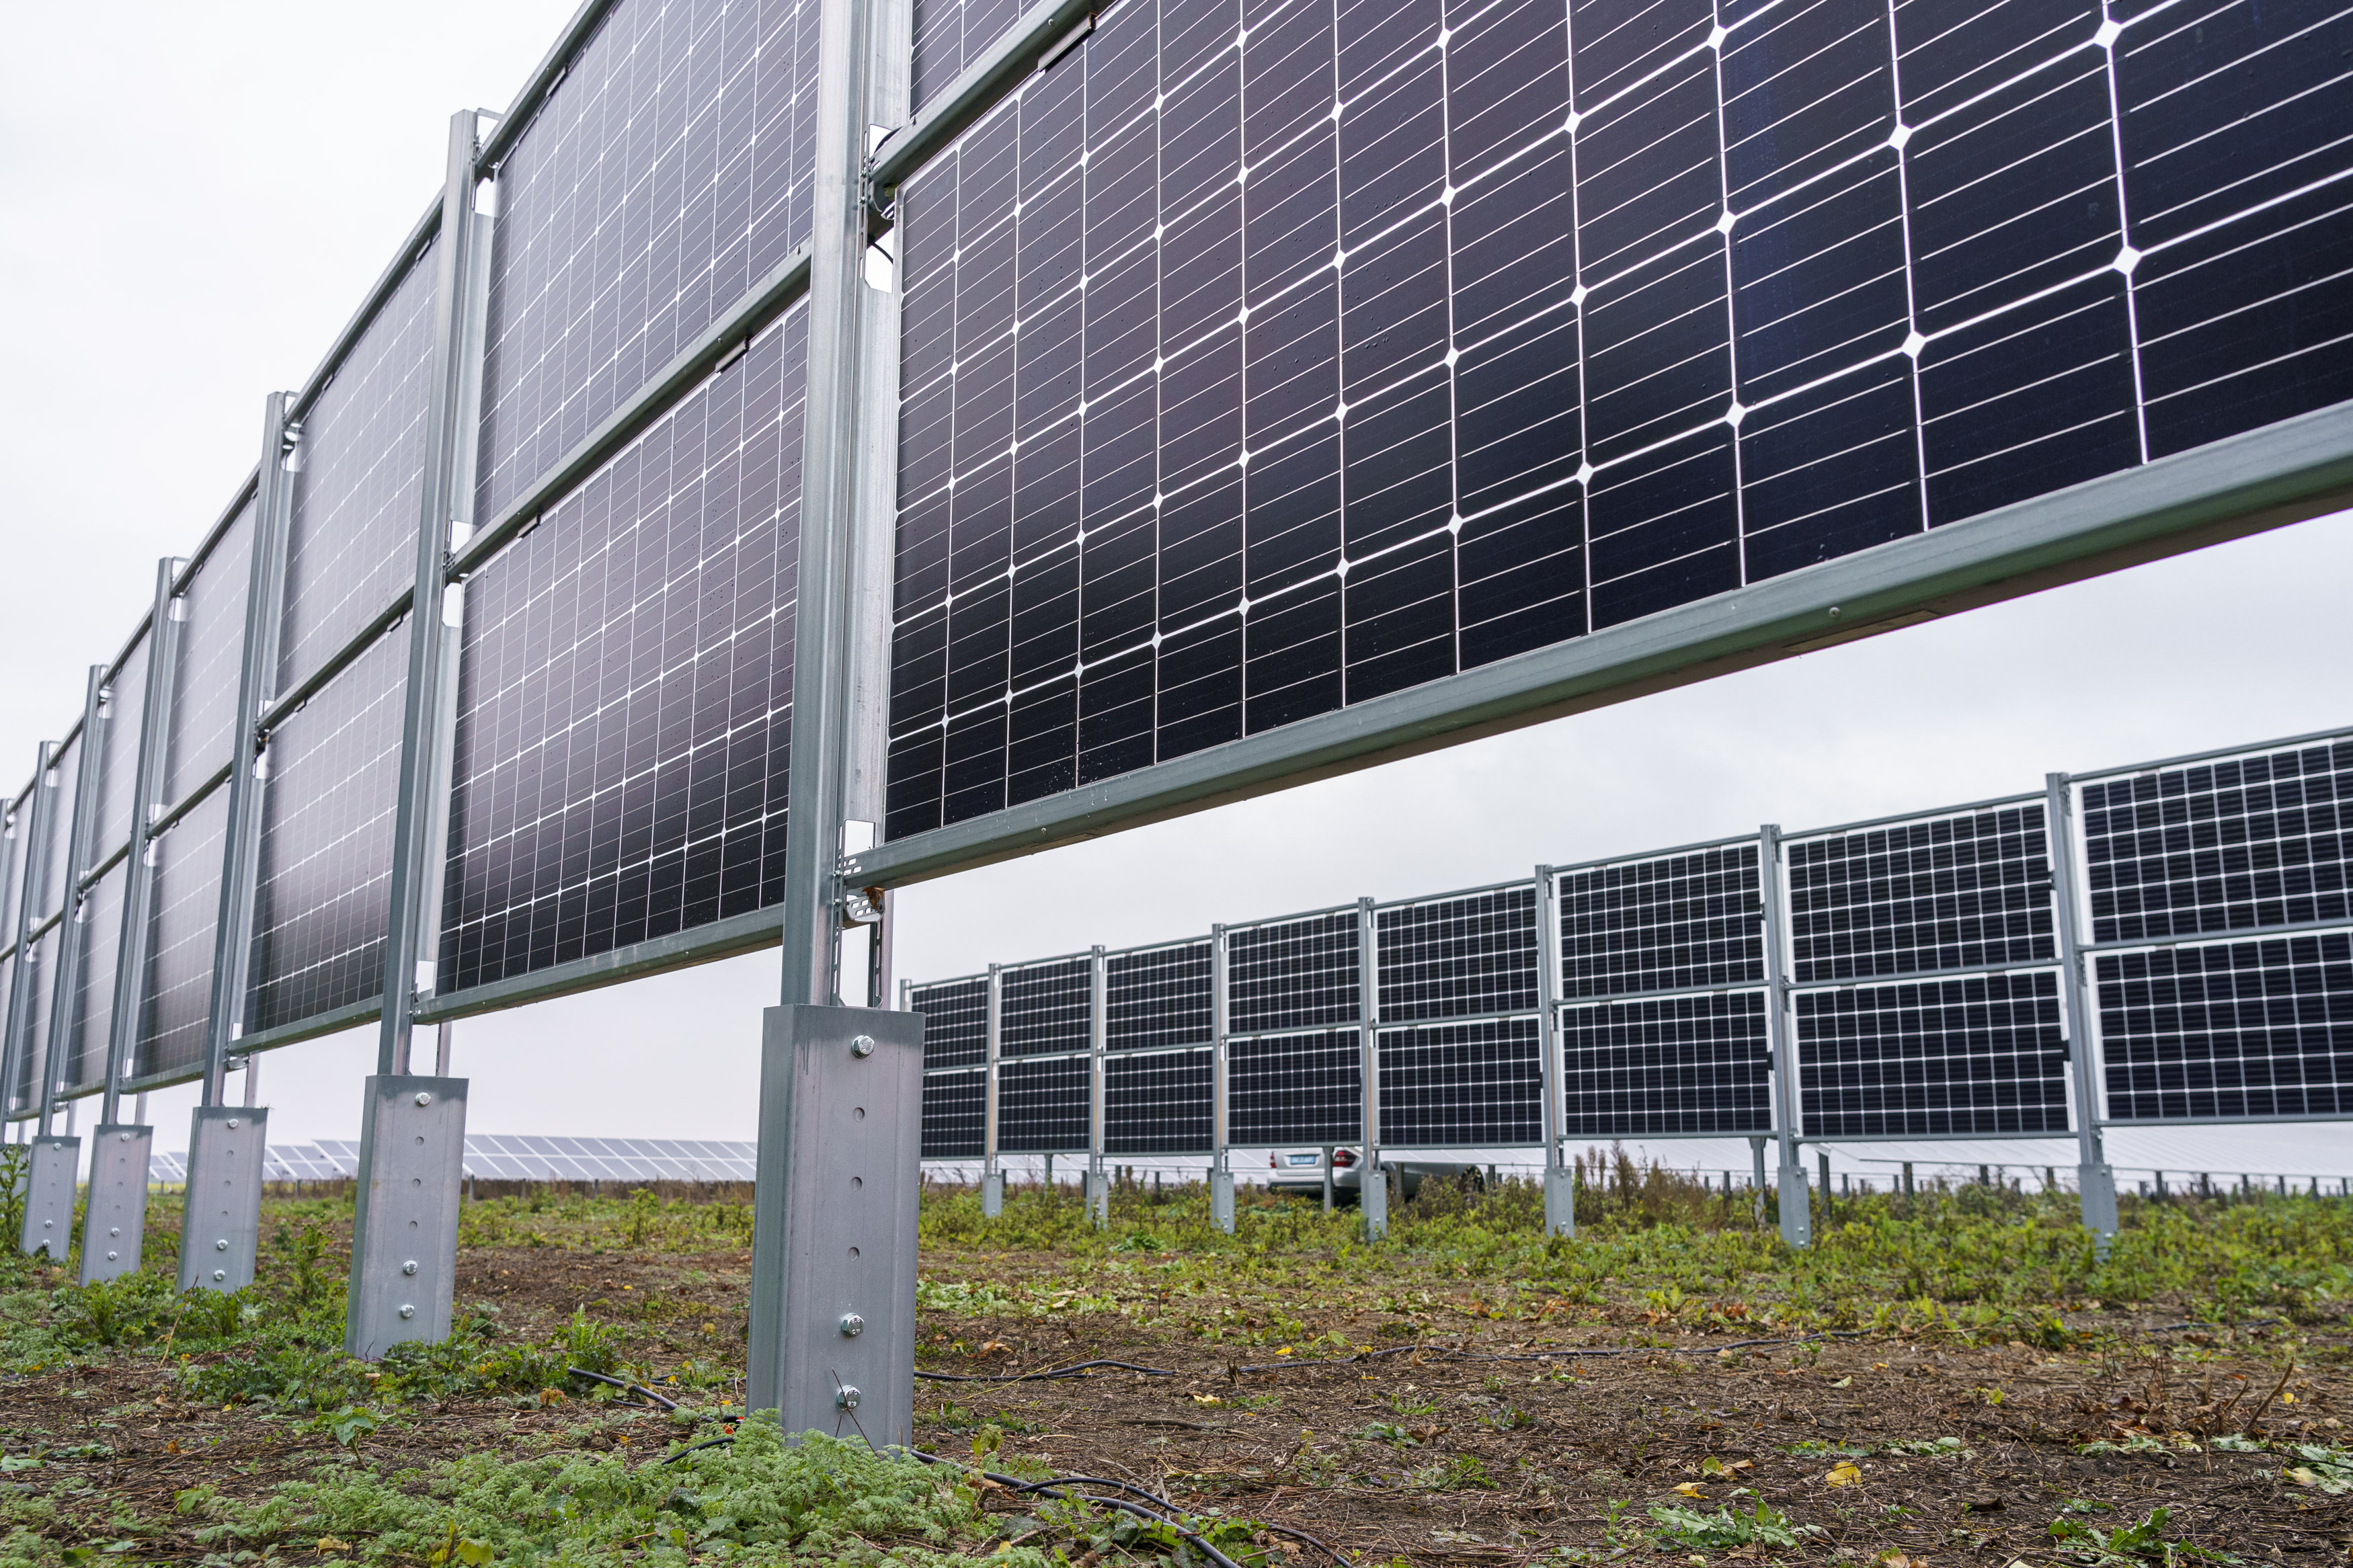 Durch die senkrecht montierten Solarmodule können landwirtschaftliche Flächen doppelt genutzt werden. Foto: © Wien Energie/Christian Hofer